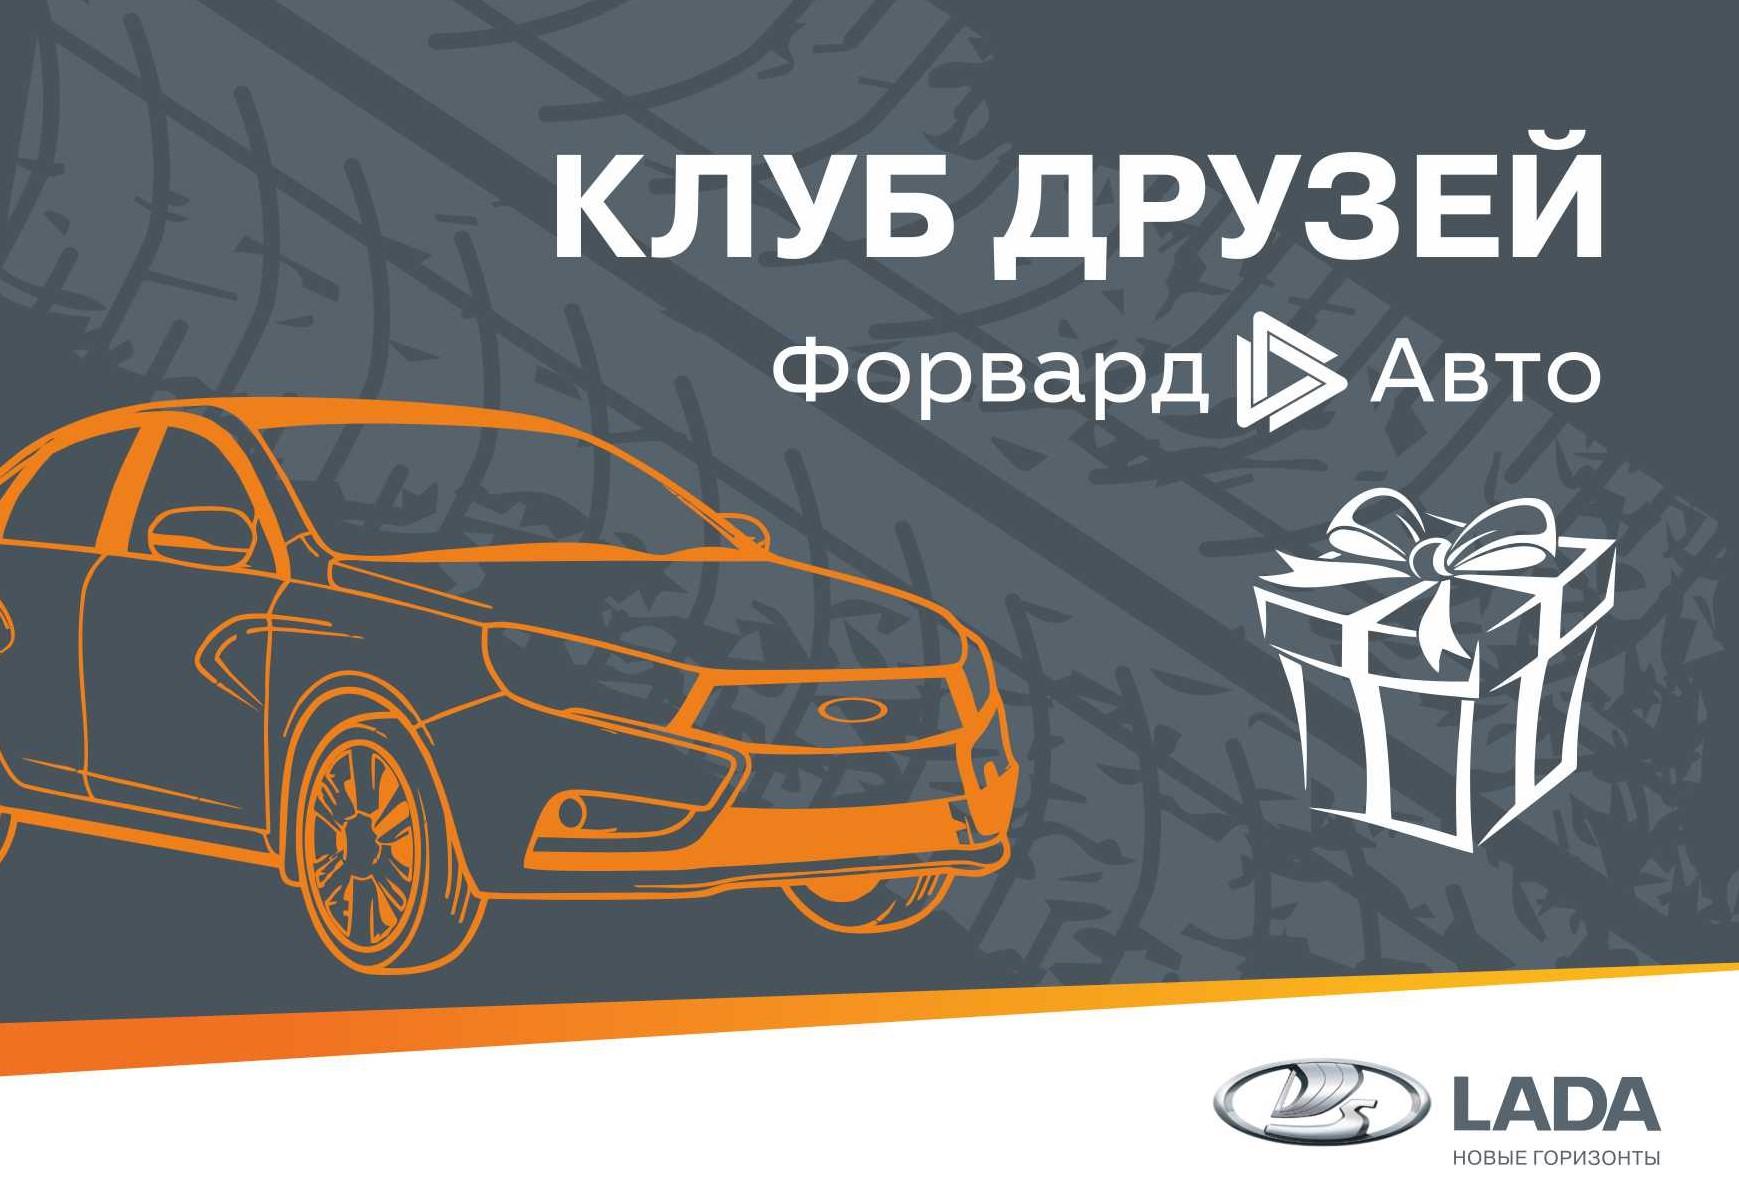 Клуб Друзей Форвард-Авто